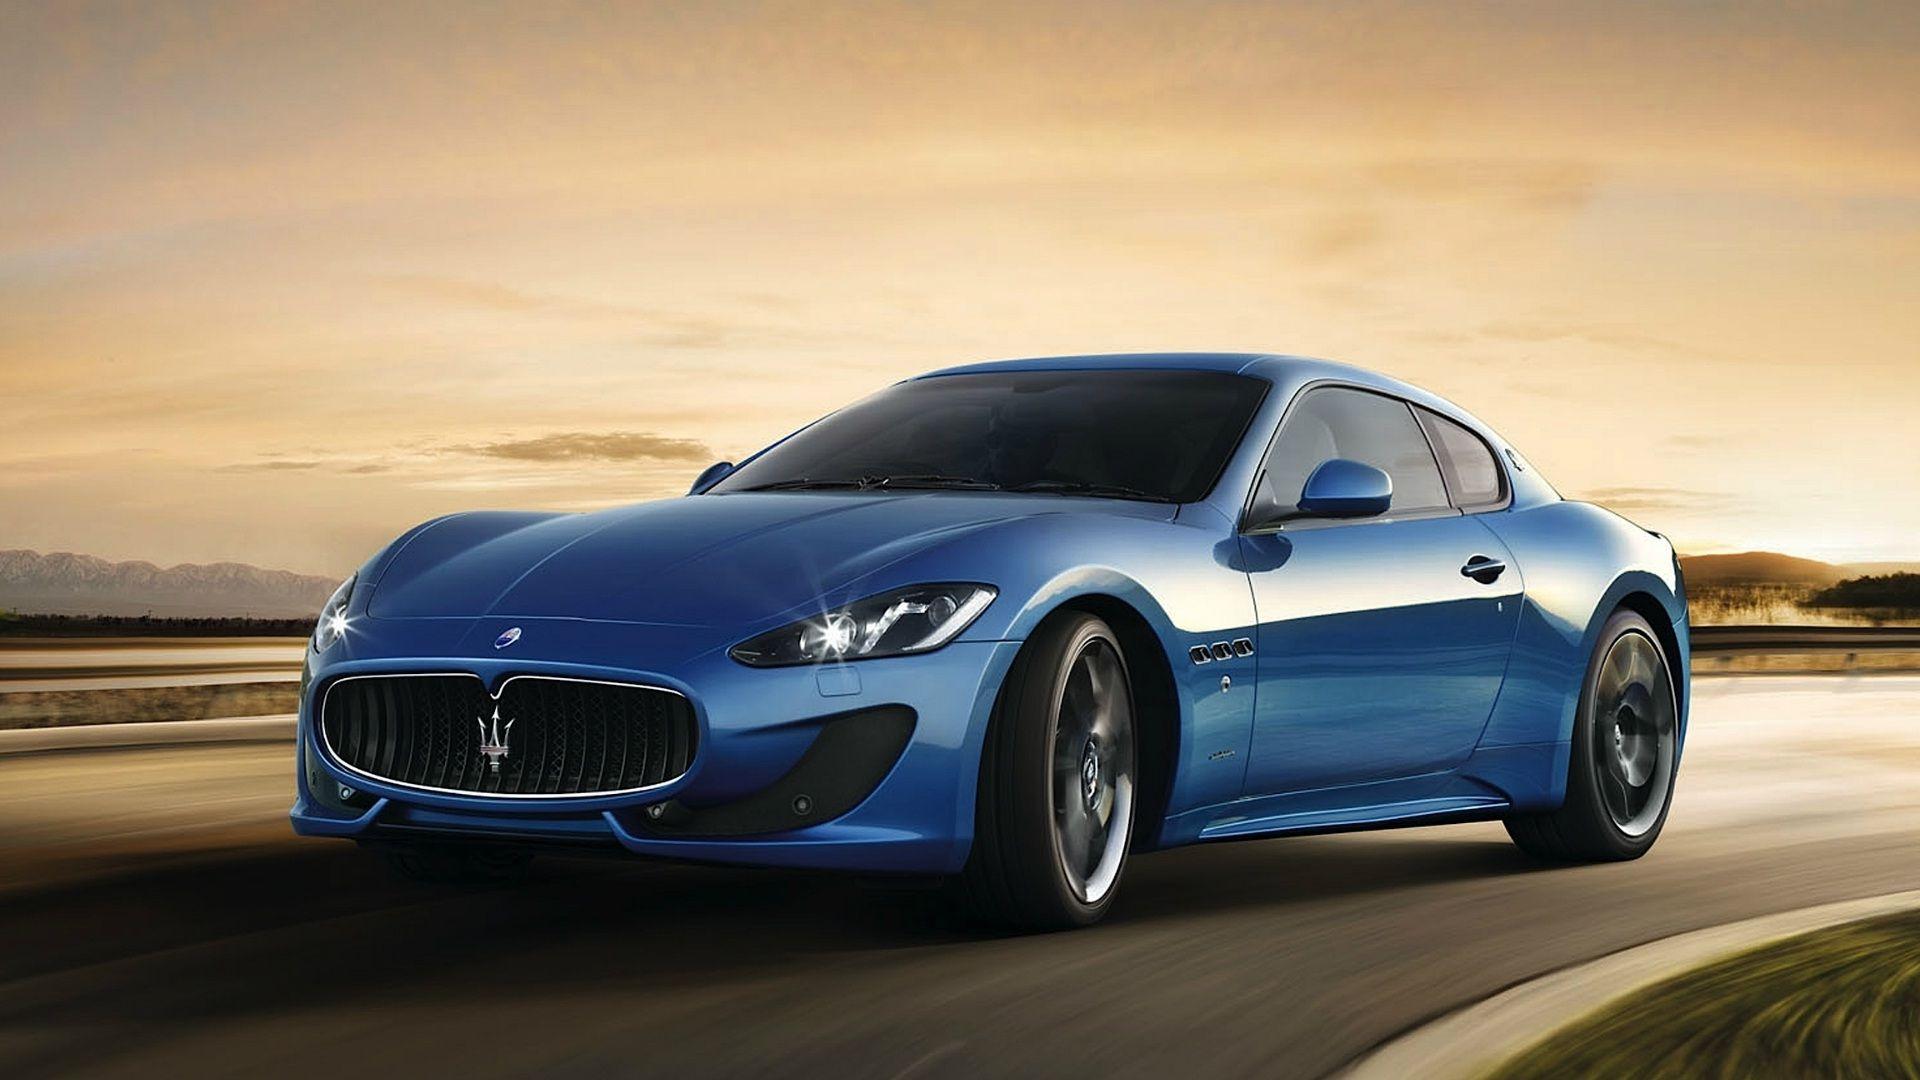 Gran Turismo Sport Iphone Wallpaper: Maserati Granturismo, Maserati